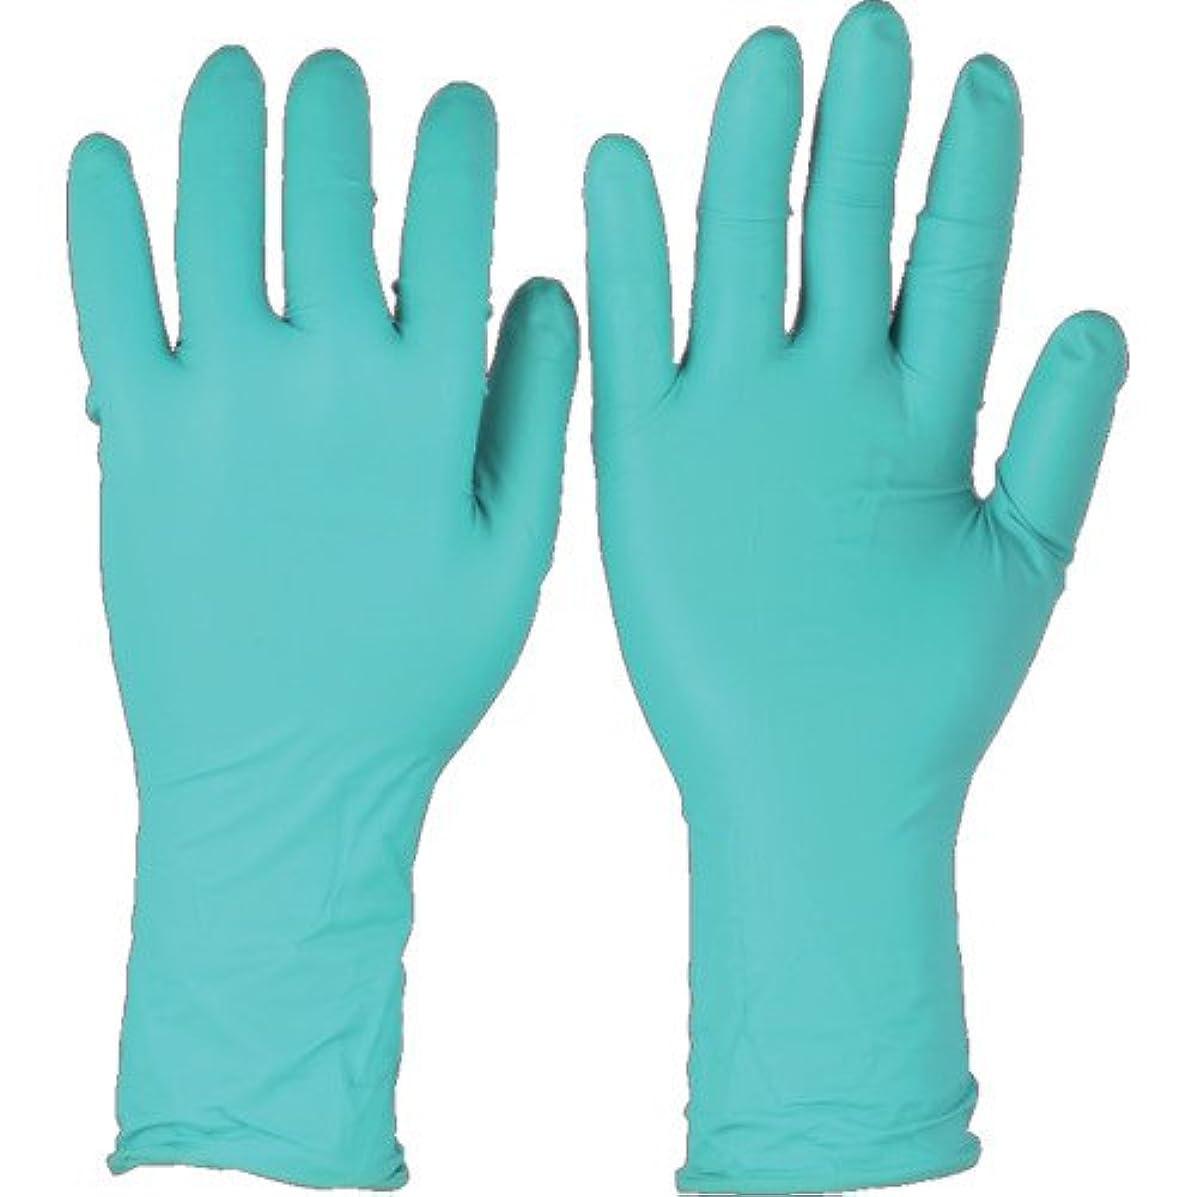 主マチュピチュ蒸気トラスコ中山 アンセル ネオプレンゴム使い捨て手袋 マイクロフレックス 93-260 Lサイズ (50枚入)  932609